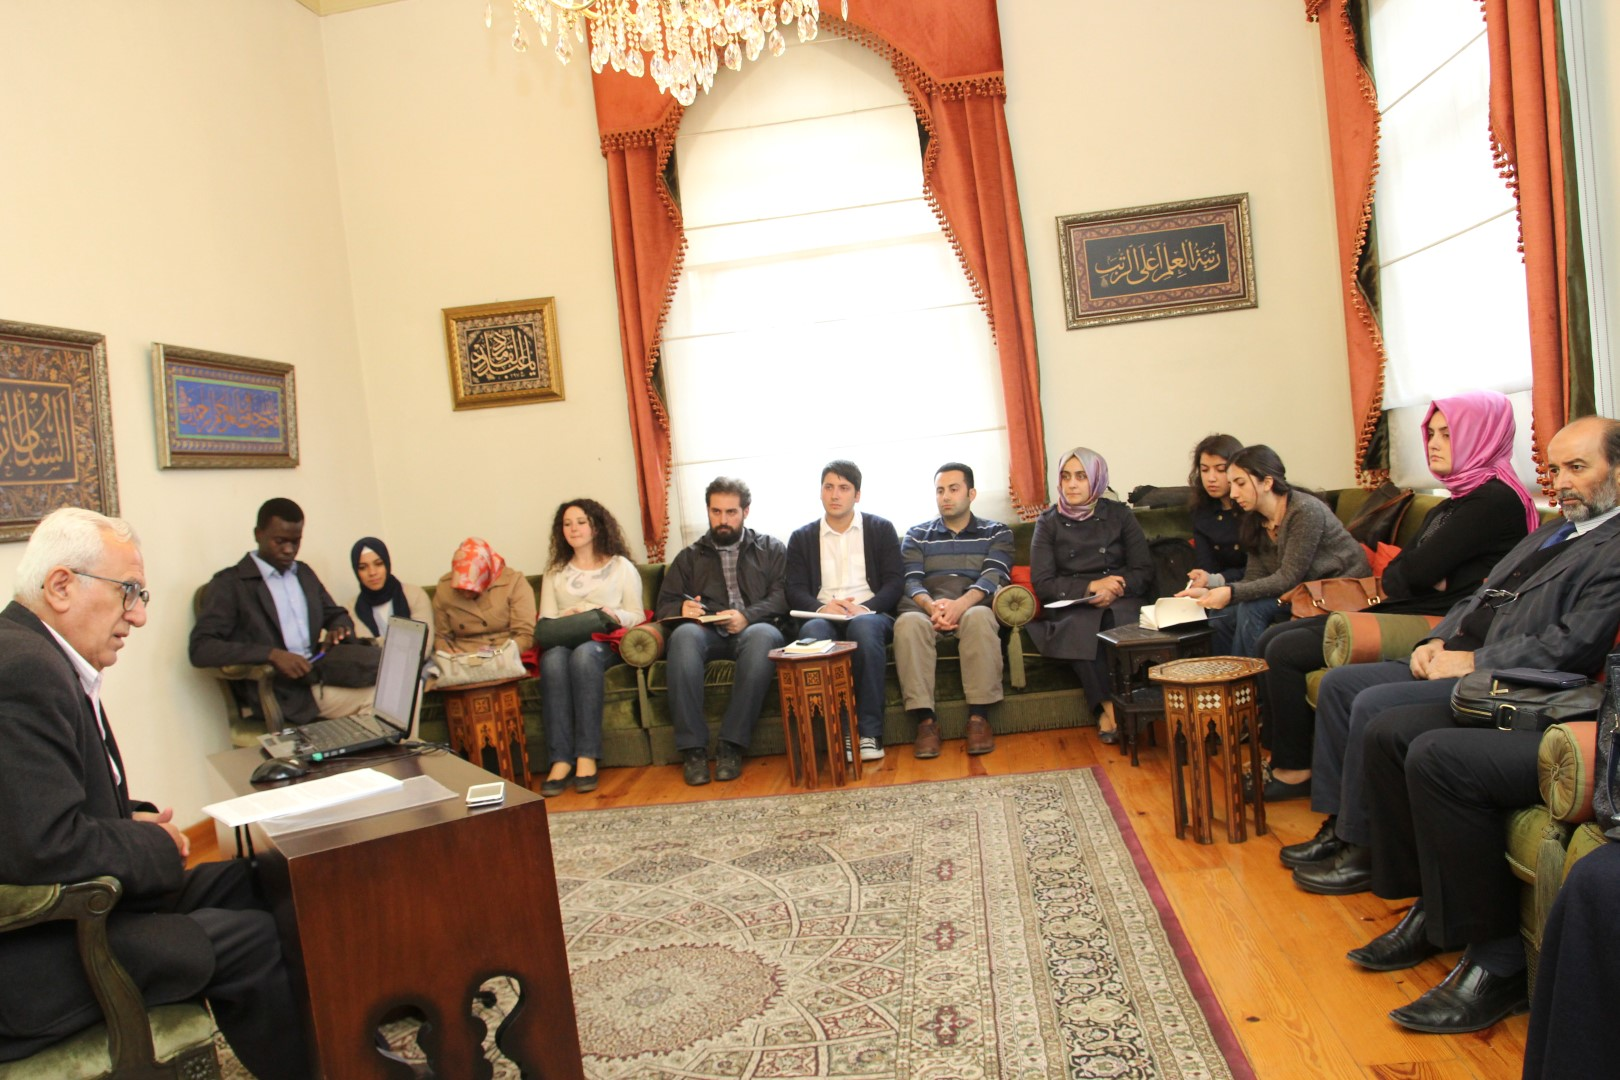 http://sbe.fatihsultan.edu.tr/resimler/upload/Iyiden-Guzele-Estetigin-Gelisimi-3-Semineri-Yapildi-4150514.jpg